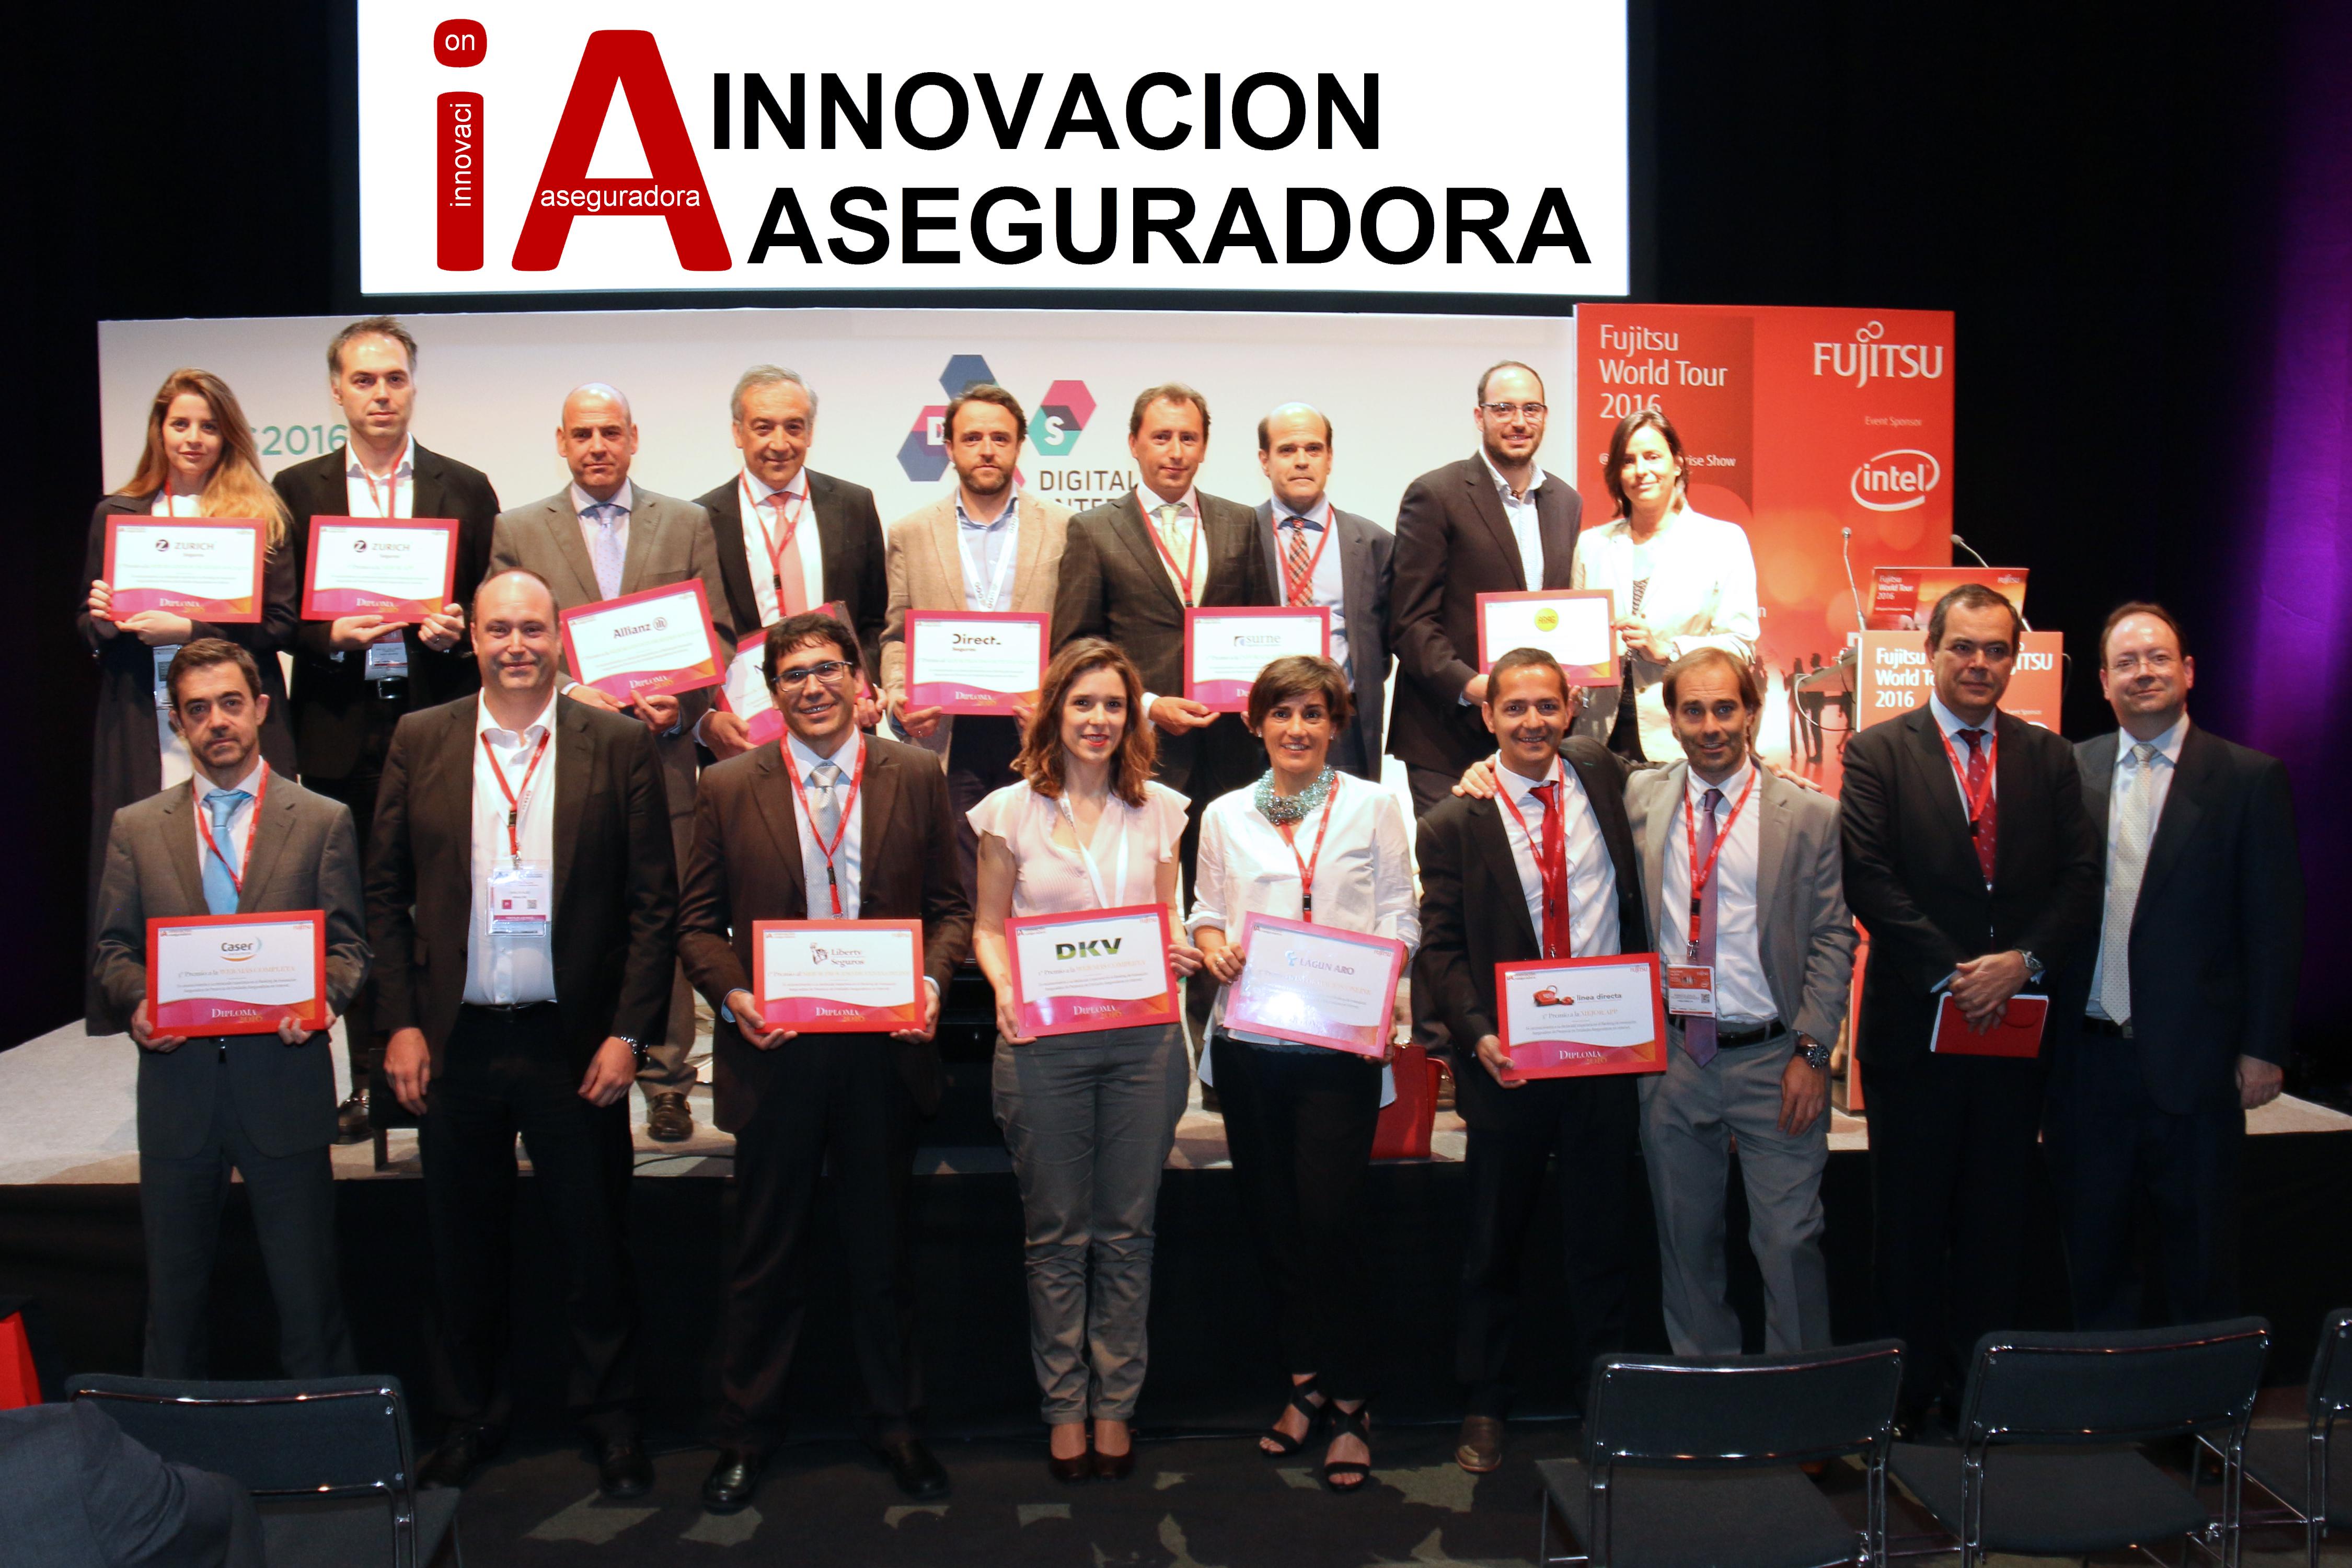 Premios del Ranking de Innovación Aseguradora, junio 2016